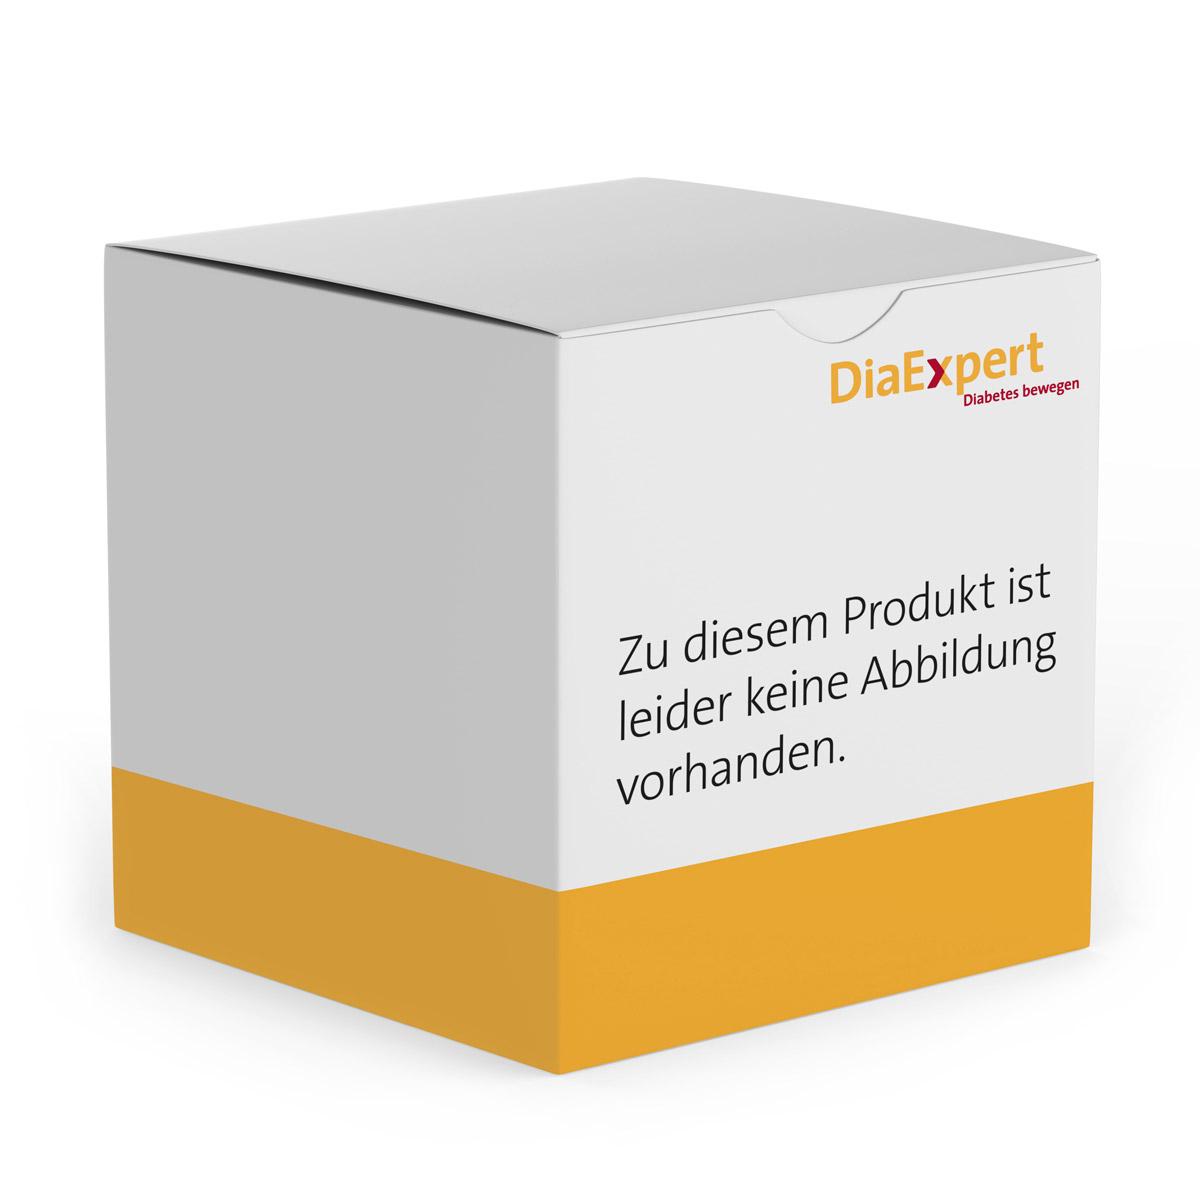 Fernbedienung für MiniMed Veo Insulinpumpe